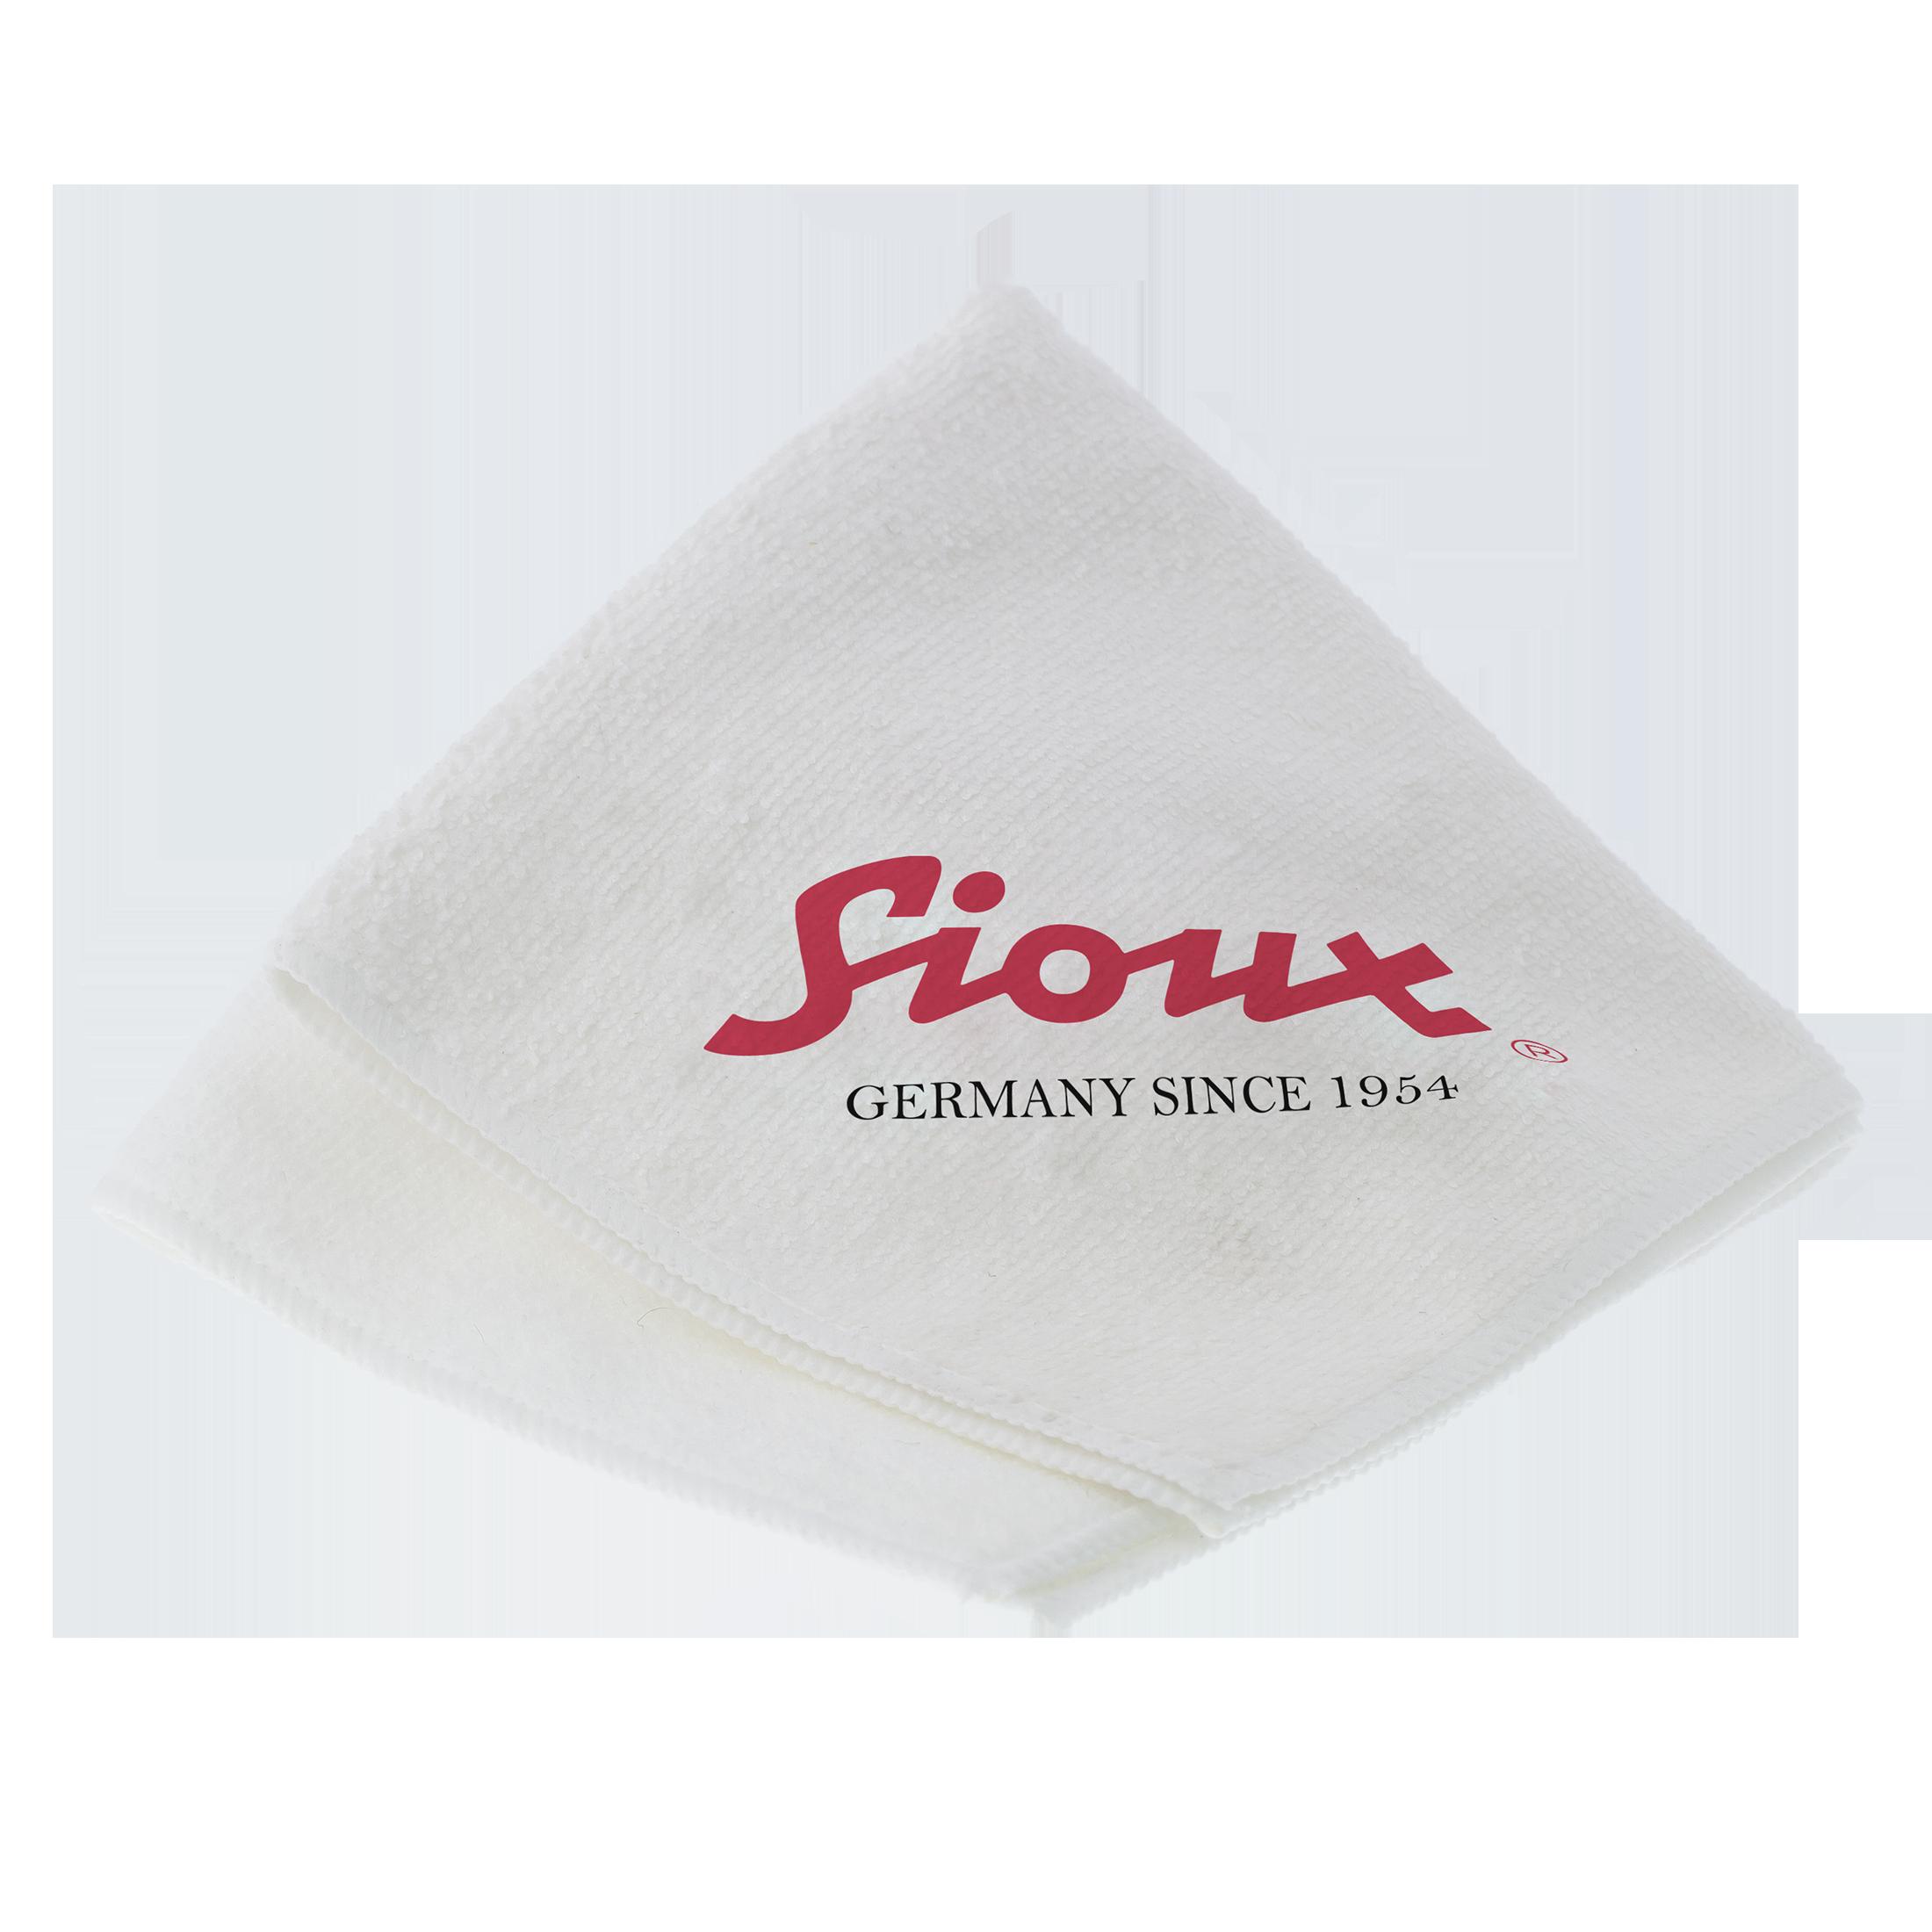 34c4c265f5a De officiële Sioux online-shop | Microvezel-schoenpoetsdoek | kopen ...